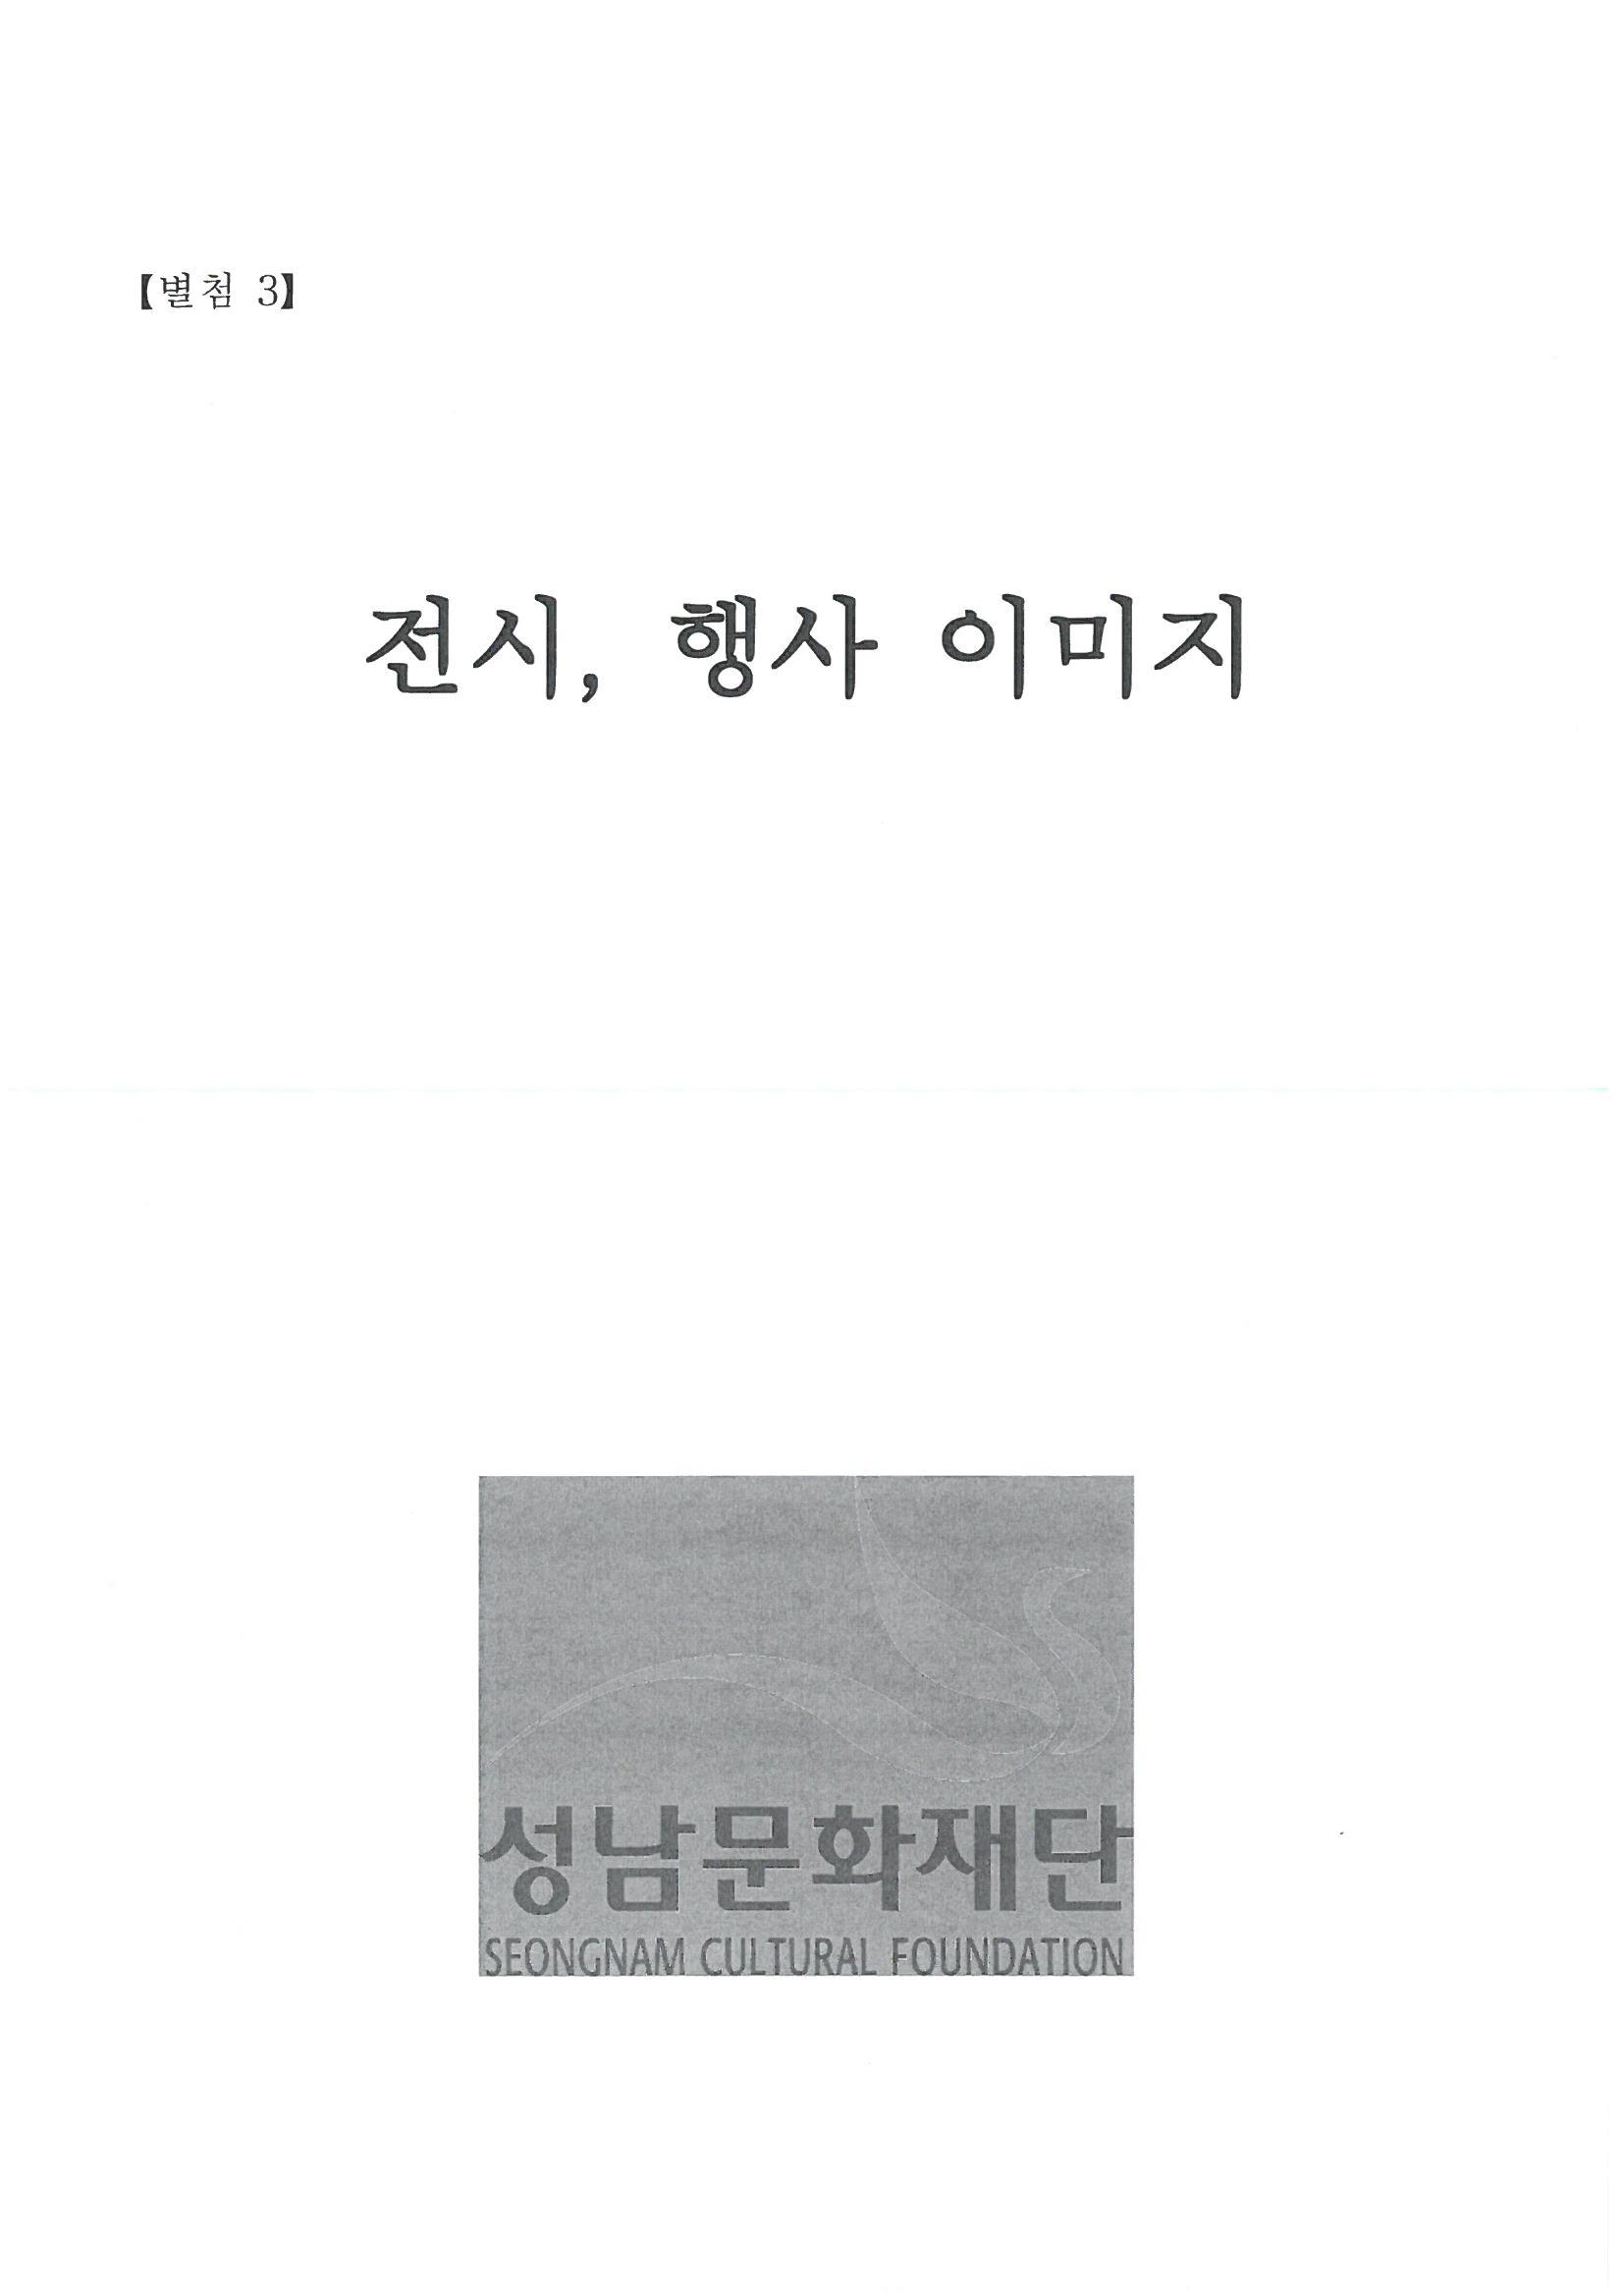 20180105_2017신흥동 진행경과_2017신흥동행사시진_페이지_01.jpg